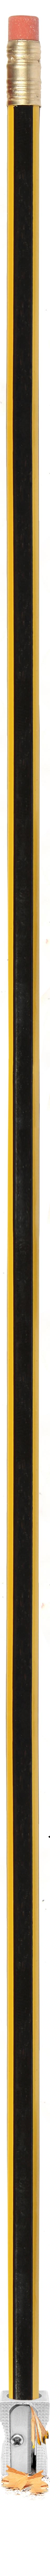 #pencil